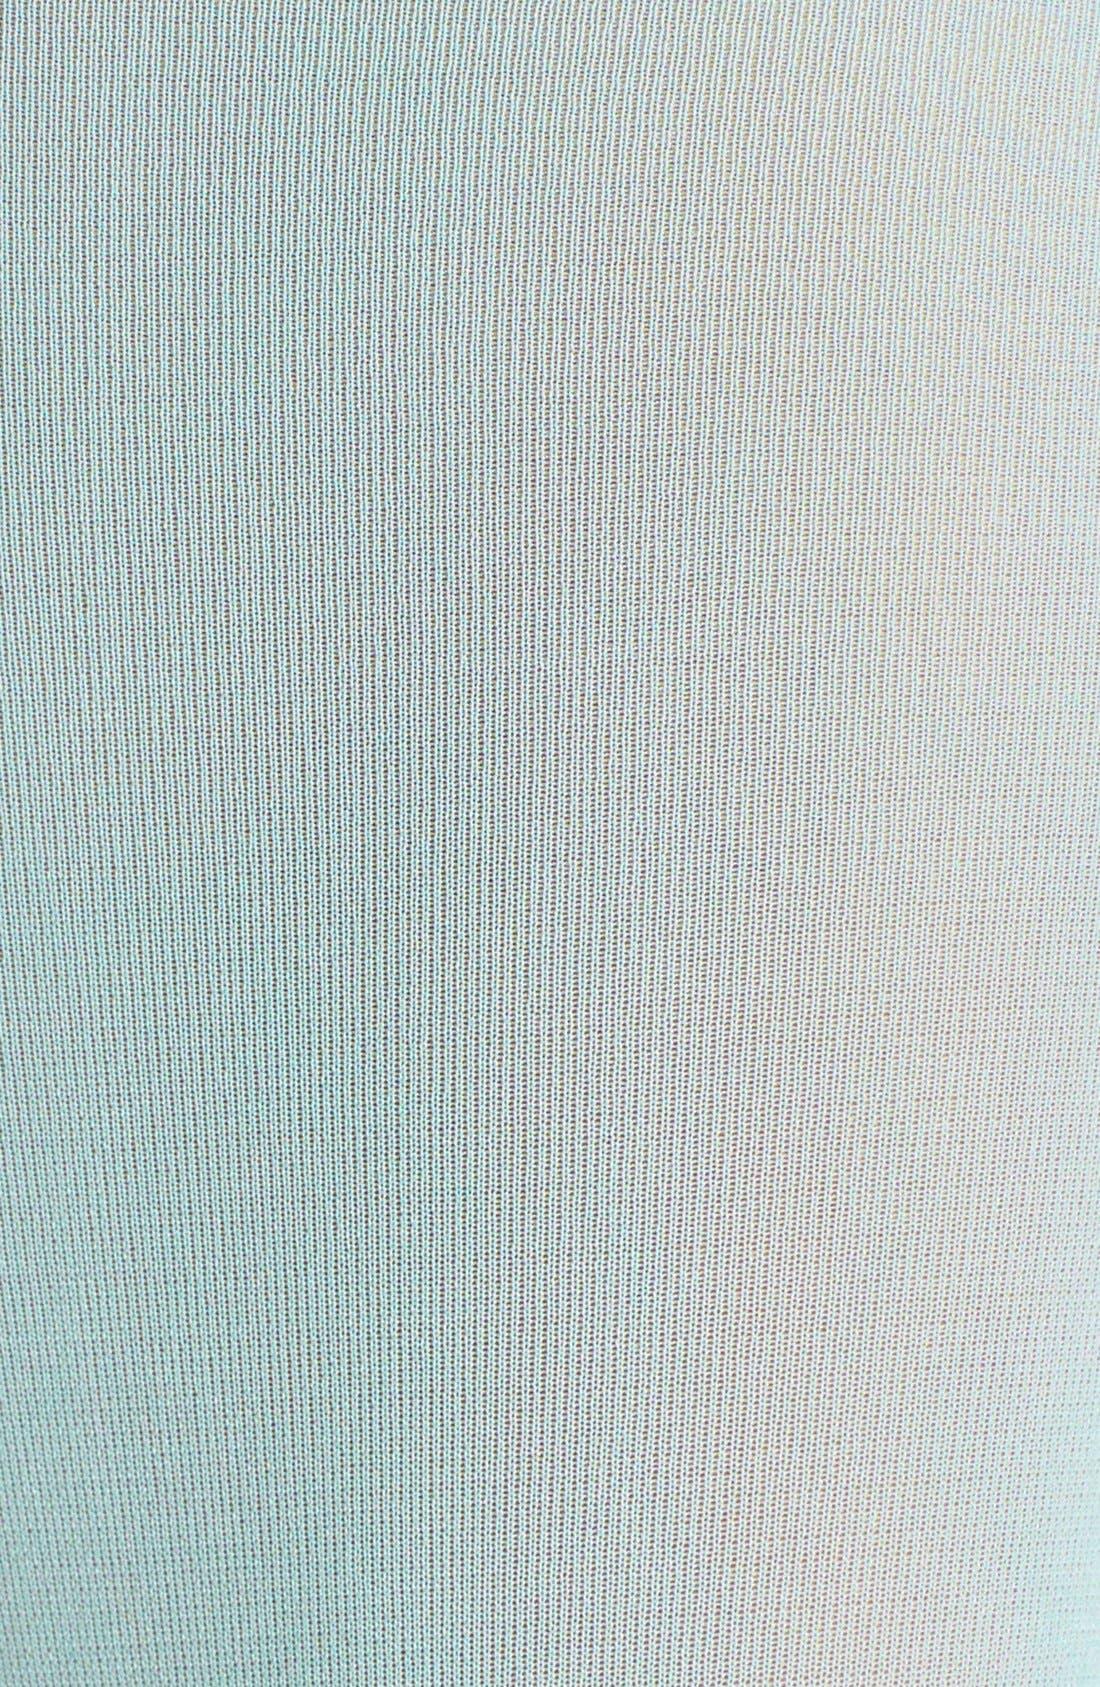 Alternate Image 2  - DKNY Microfiber Knee Socks